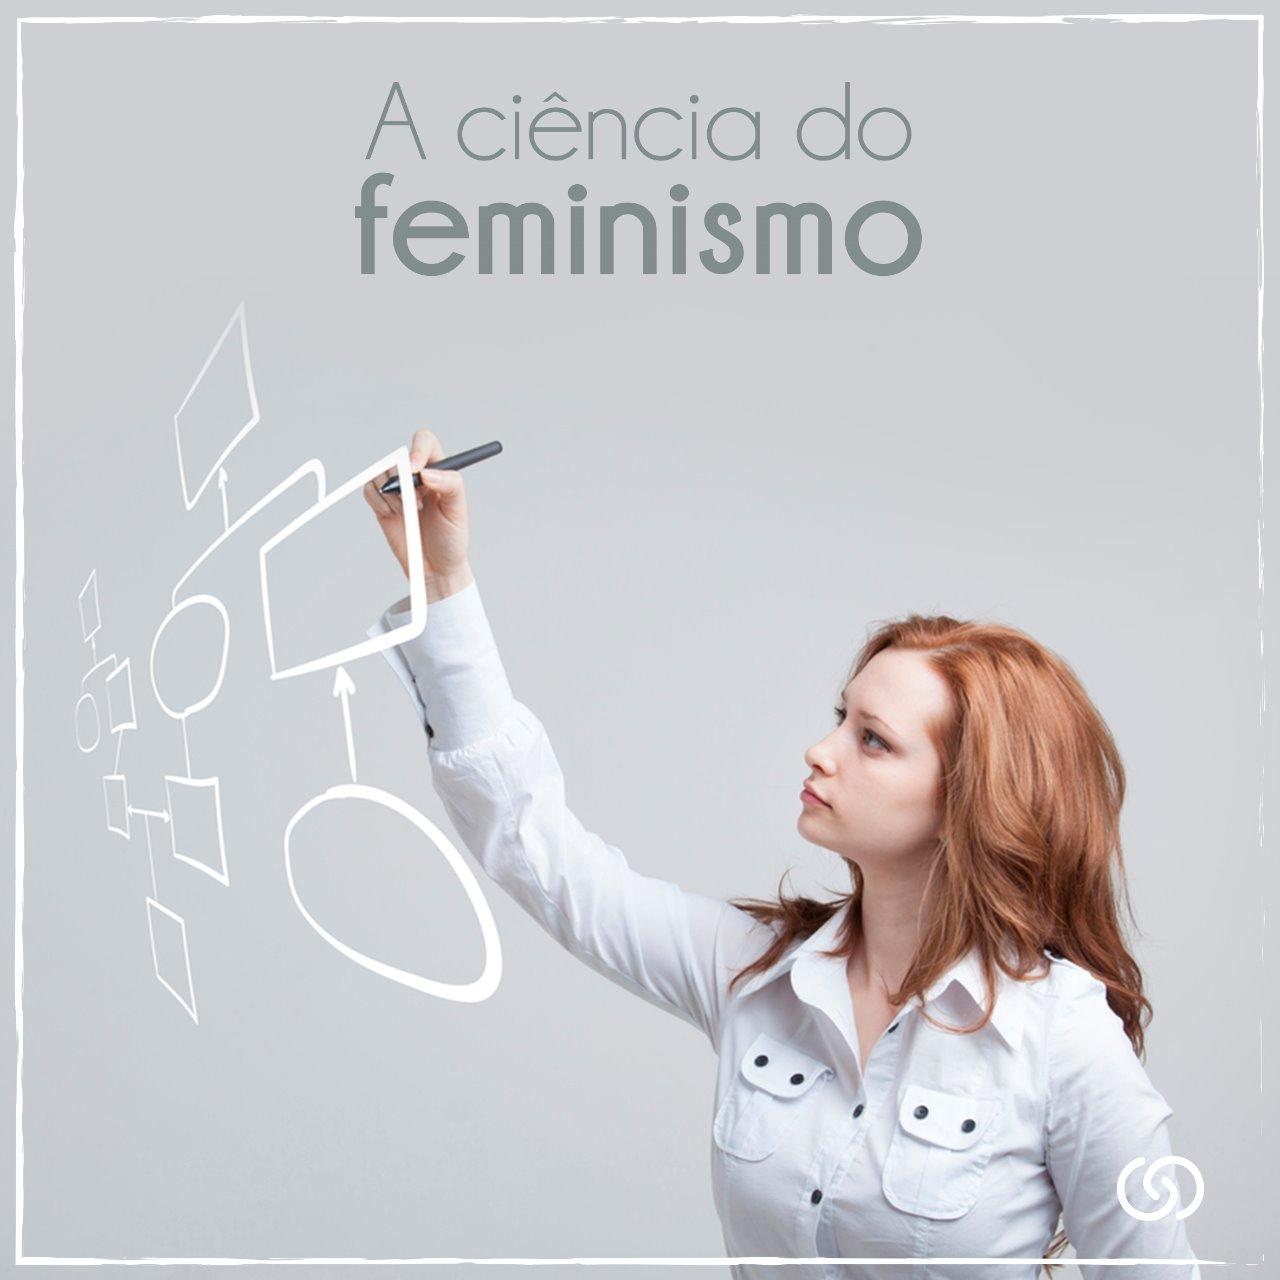 A ciência do feminismo